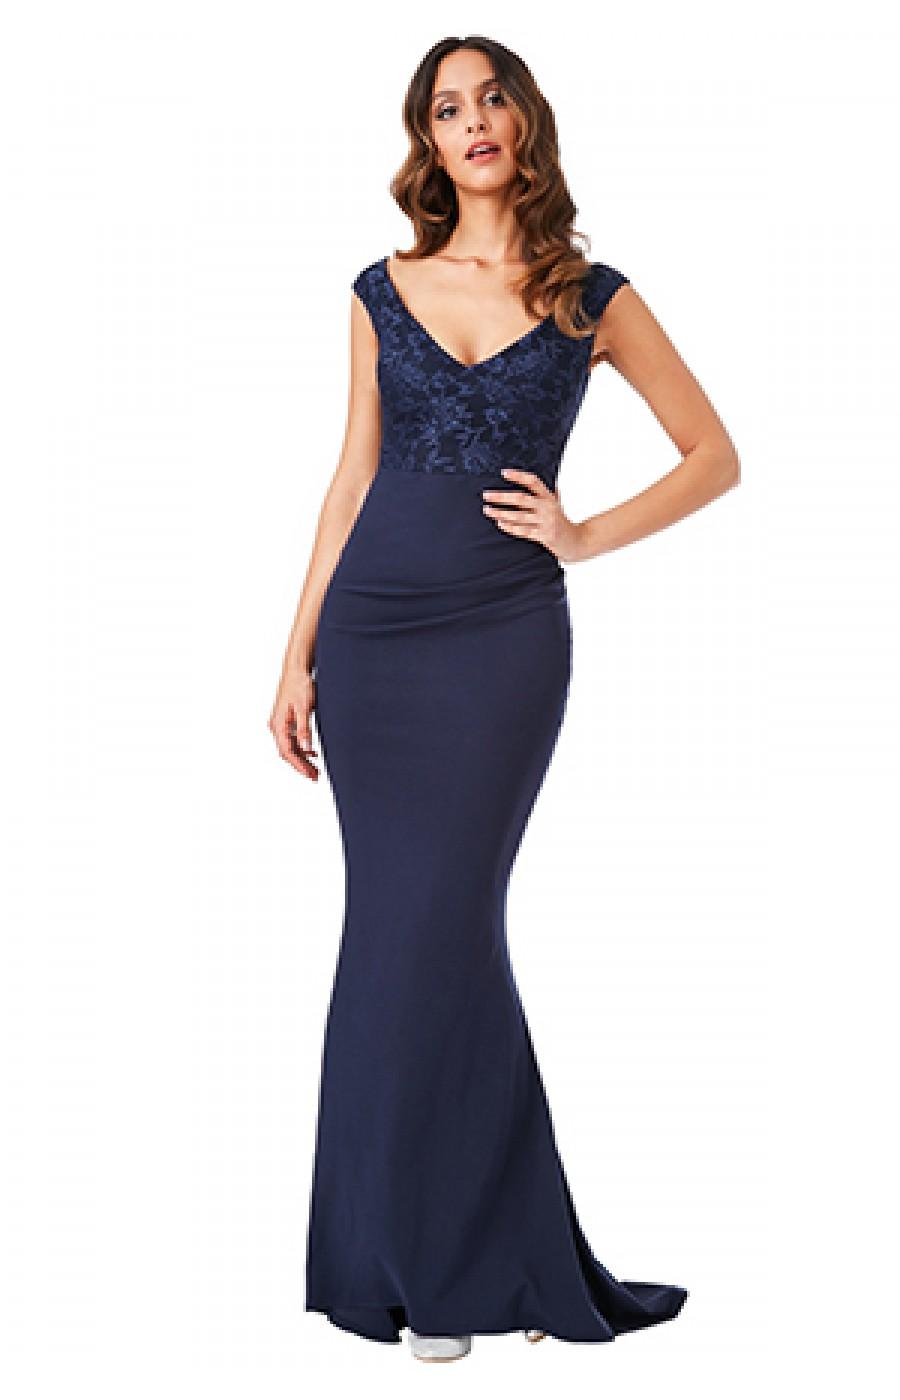 Επίσημο μακρύ μπλέ σκούρο φόρεμα